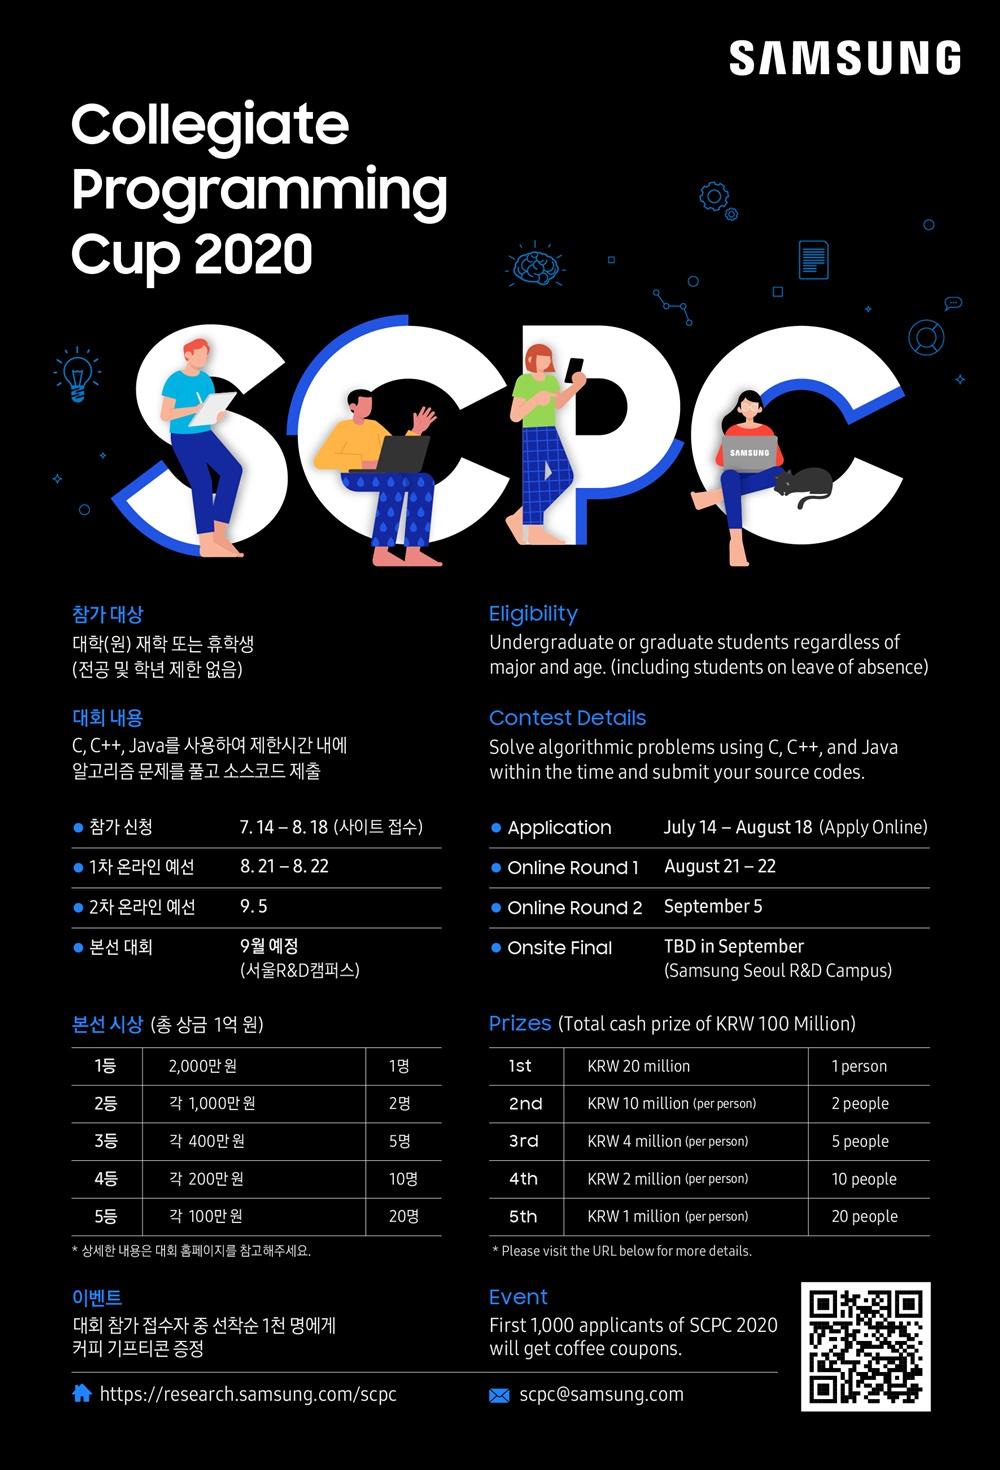 '제6회 삼성전자 대학생 프로그래밍 경진대회' 포스터